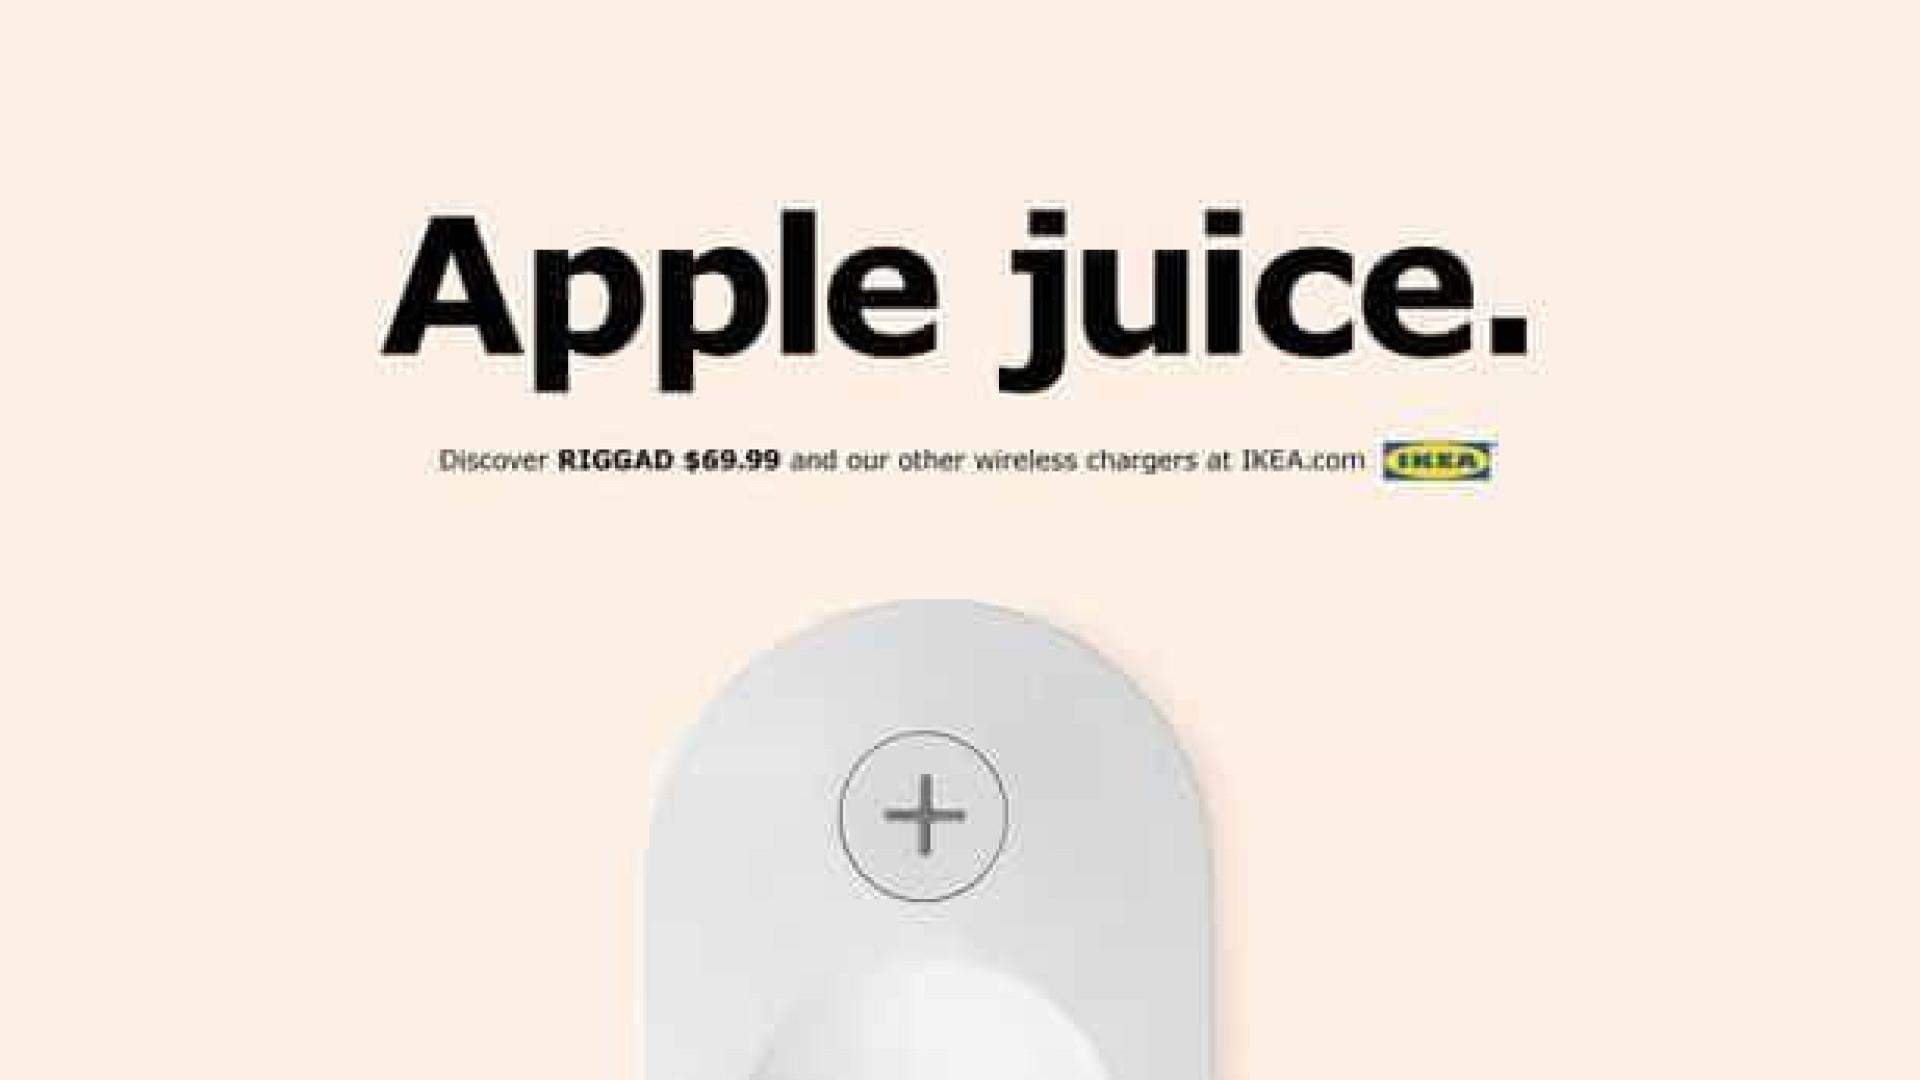 IKEA promove carregador sem fios… E lança 'farpas' à Apple